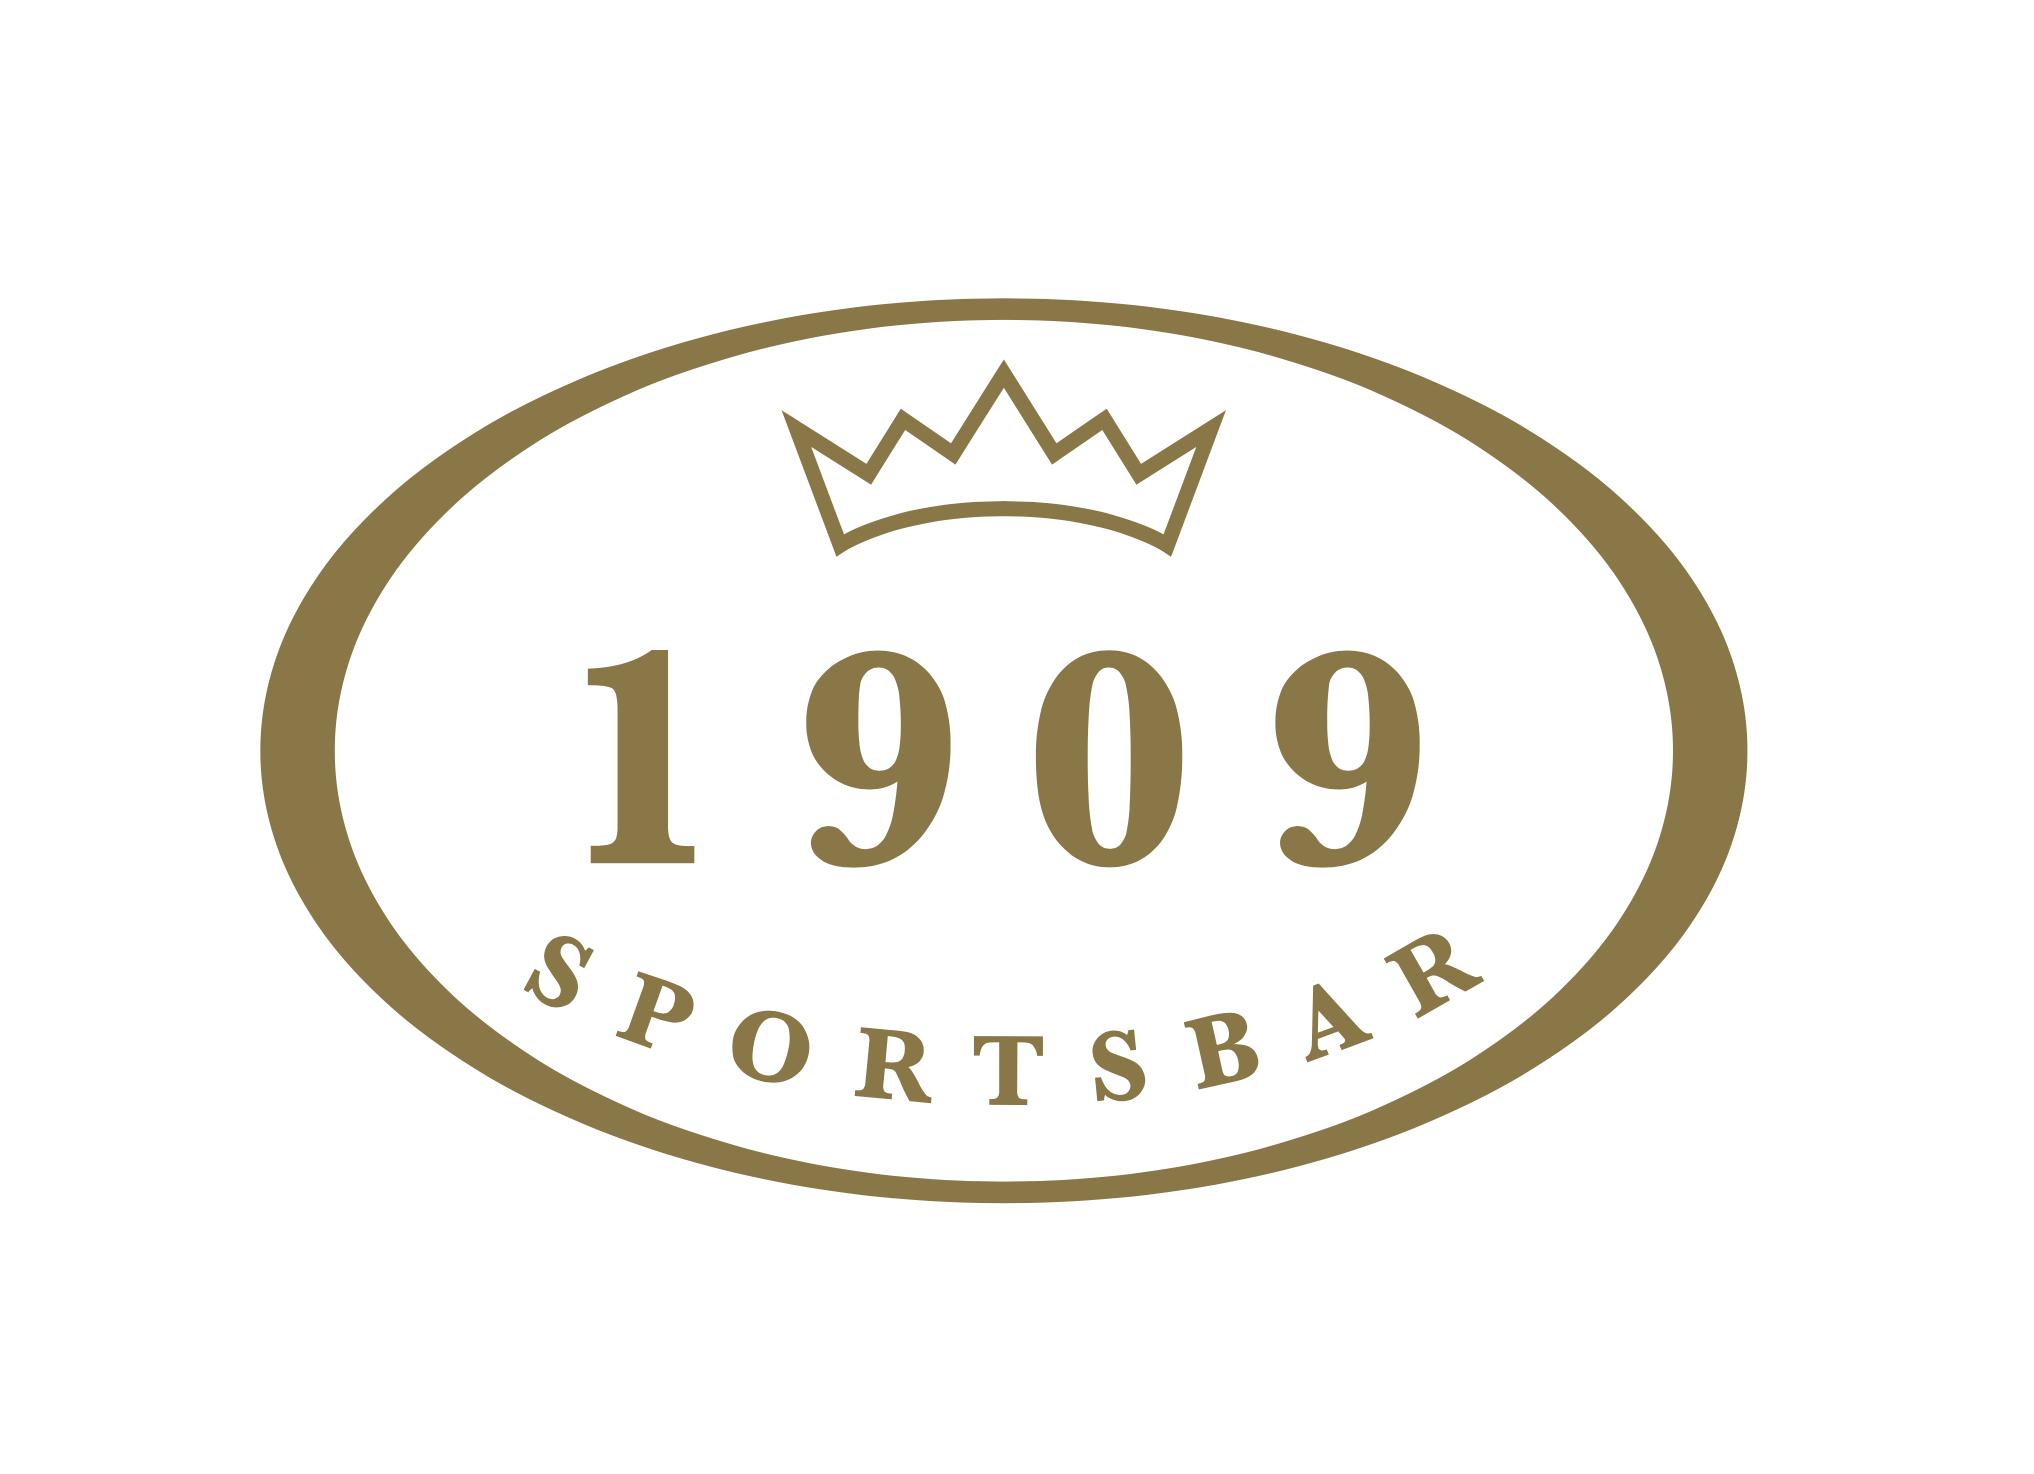 Skjermbilde 2017-12-05 kl. 16.00.56.png